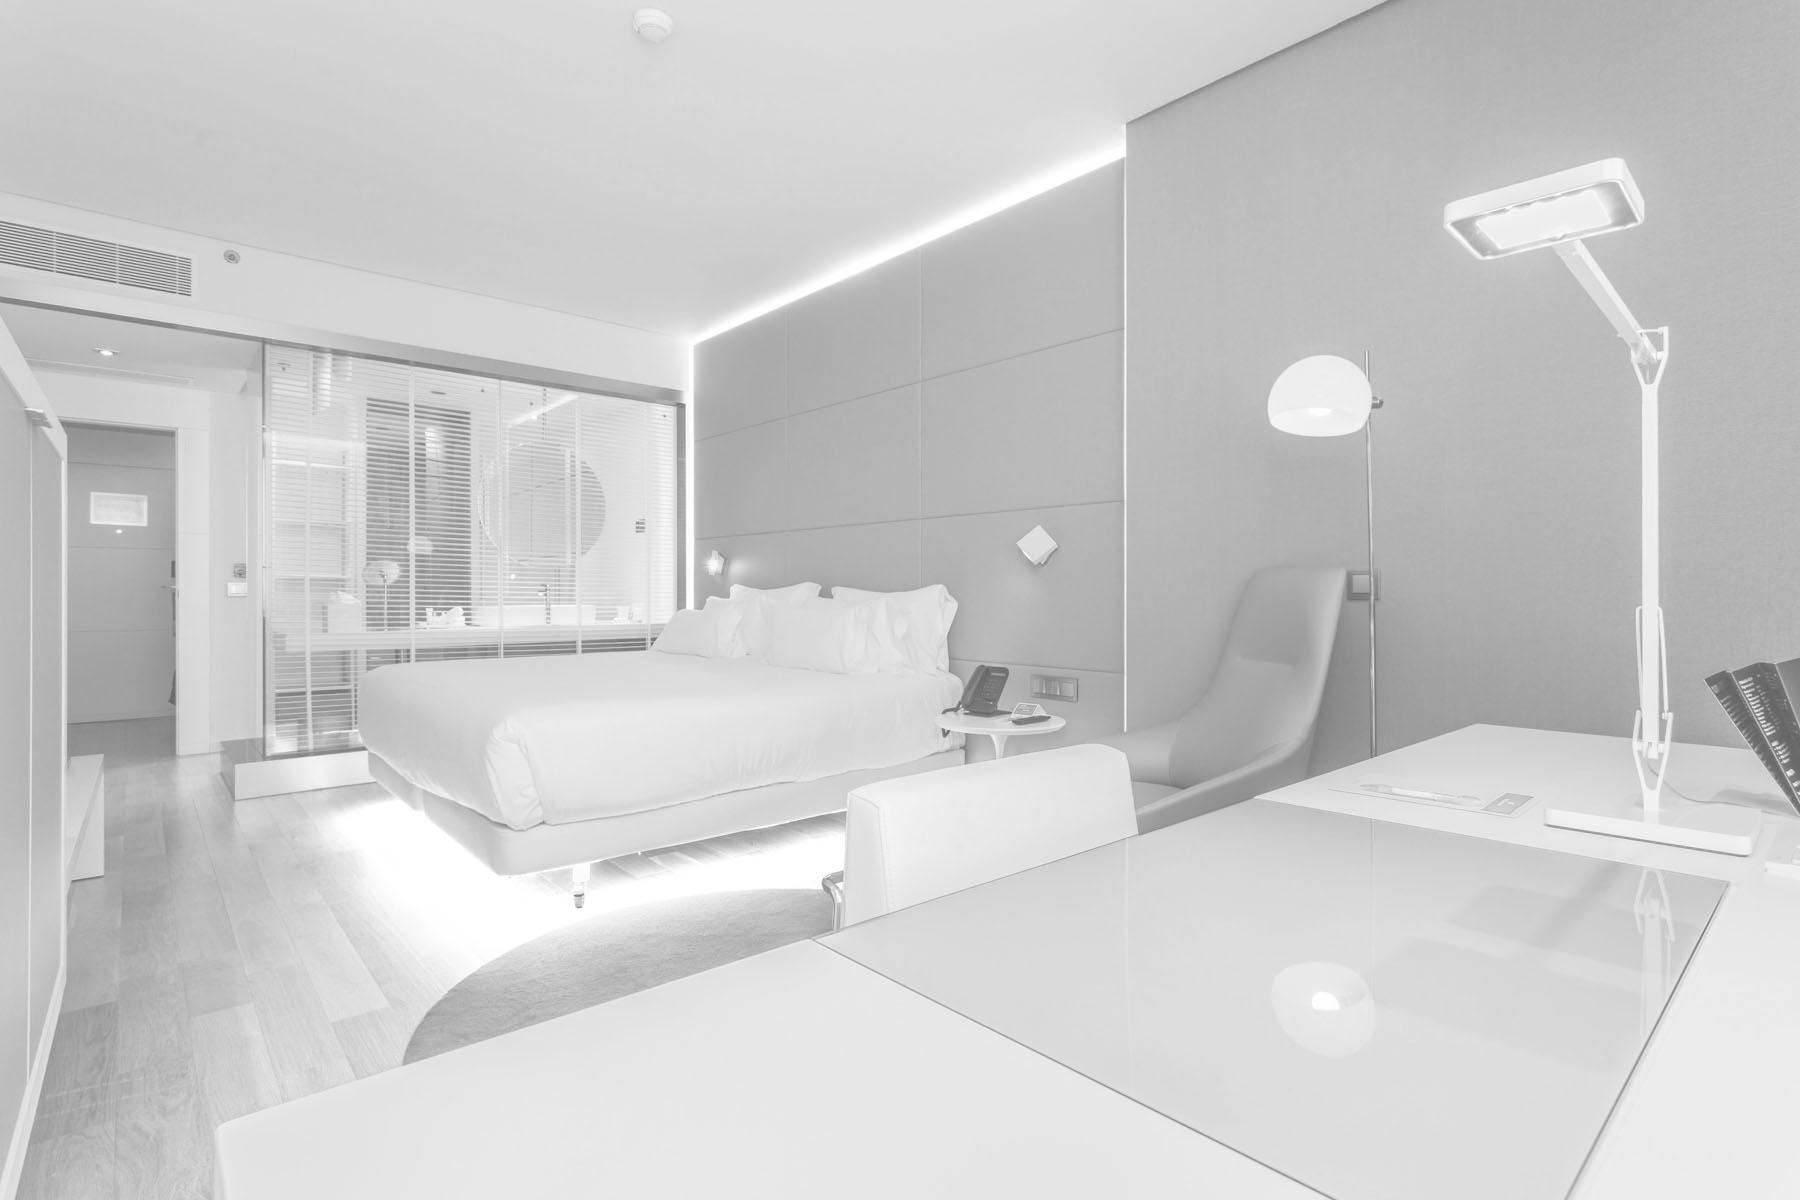 Habitación de hotel de 4 estrellas con el escritorio en primer término, una gran cama y un baño separado por una cristalera semi transparente